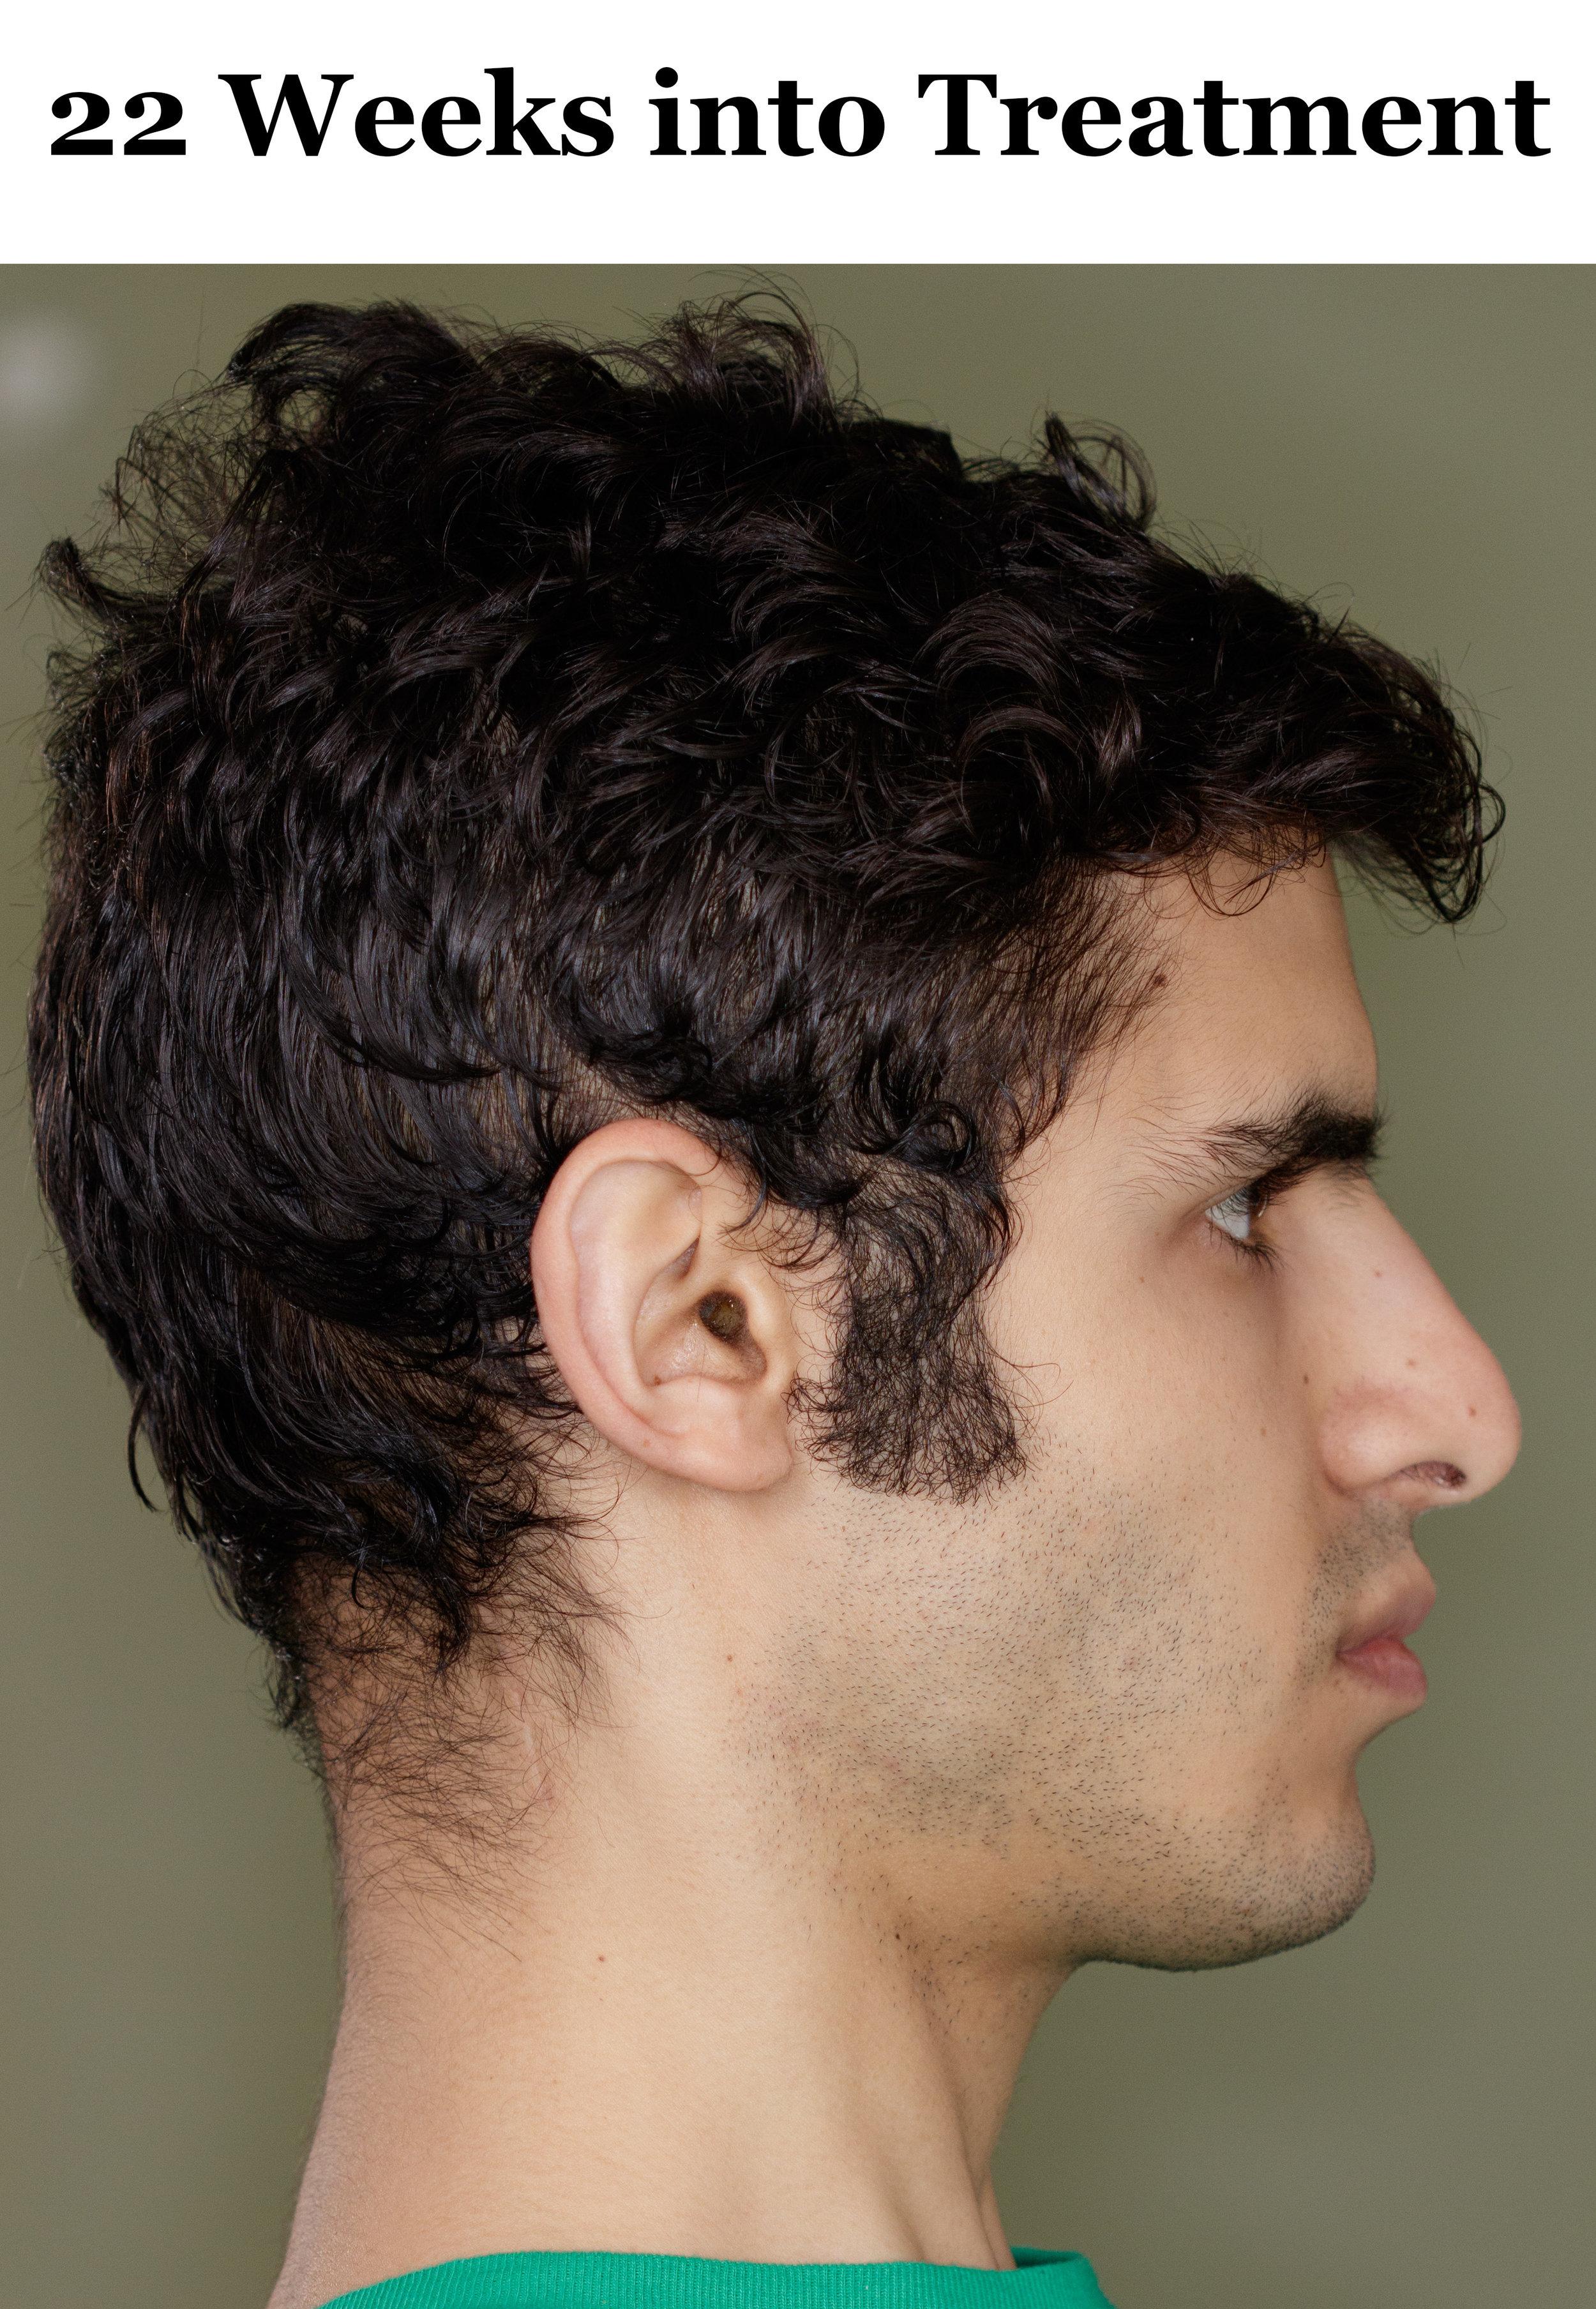 22 Weeks Side Profile.jpg